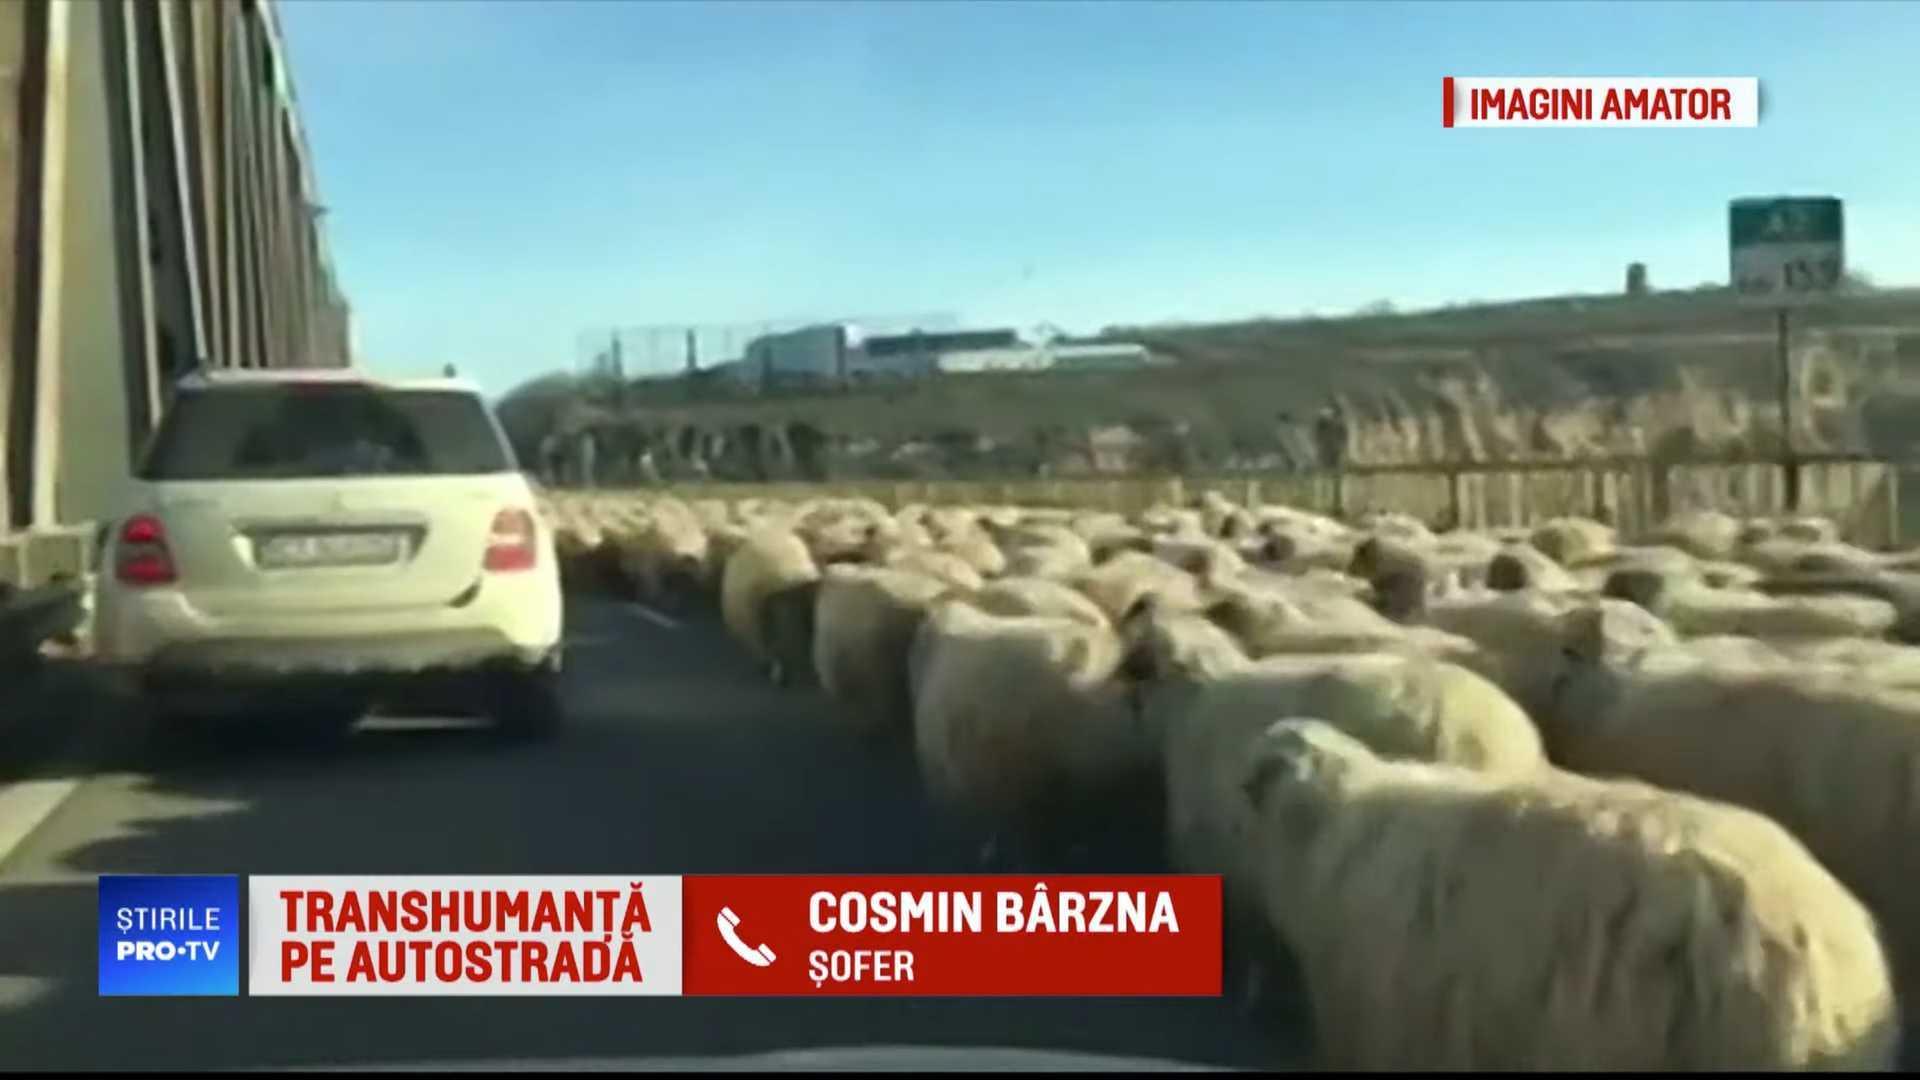 Videó: Székely viccnek tűnik, de nem az: autópályán terelgette a nyáját a pásztor